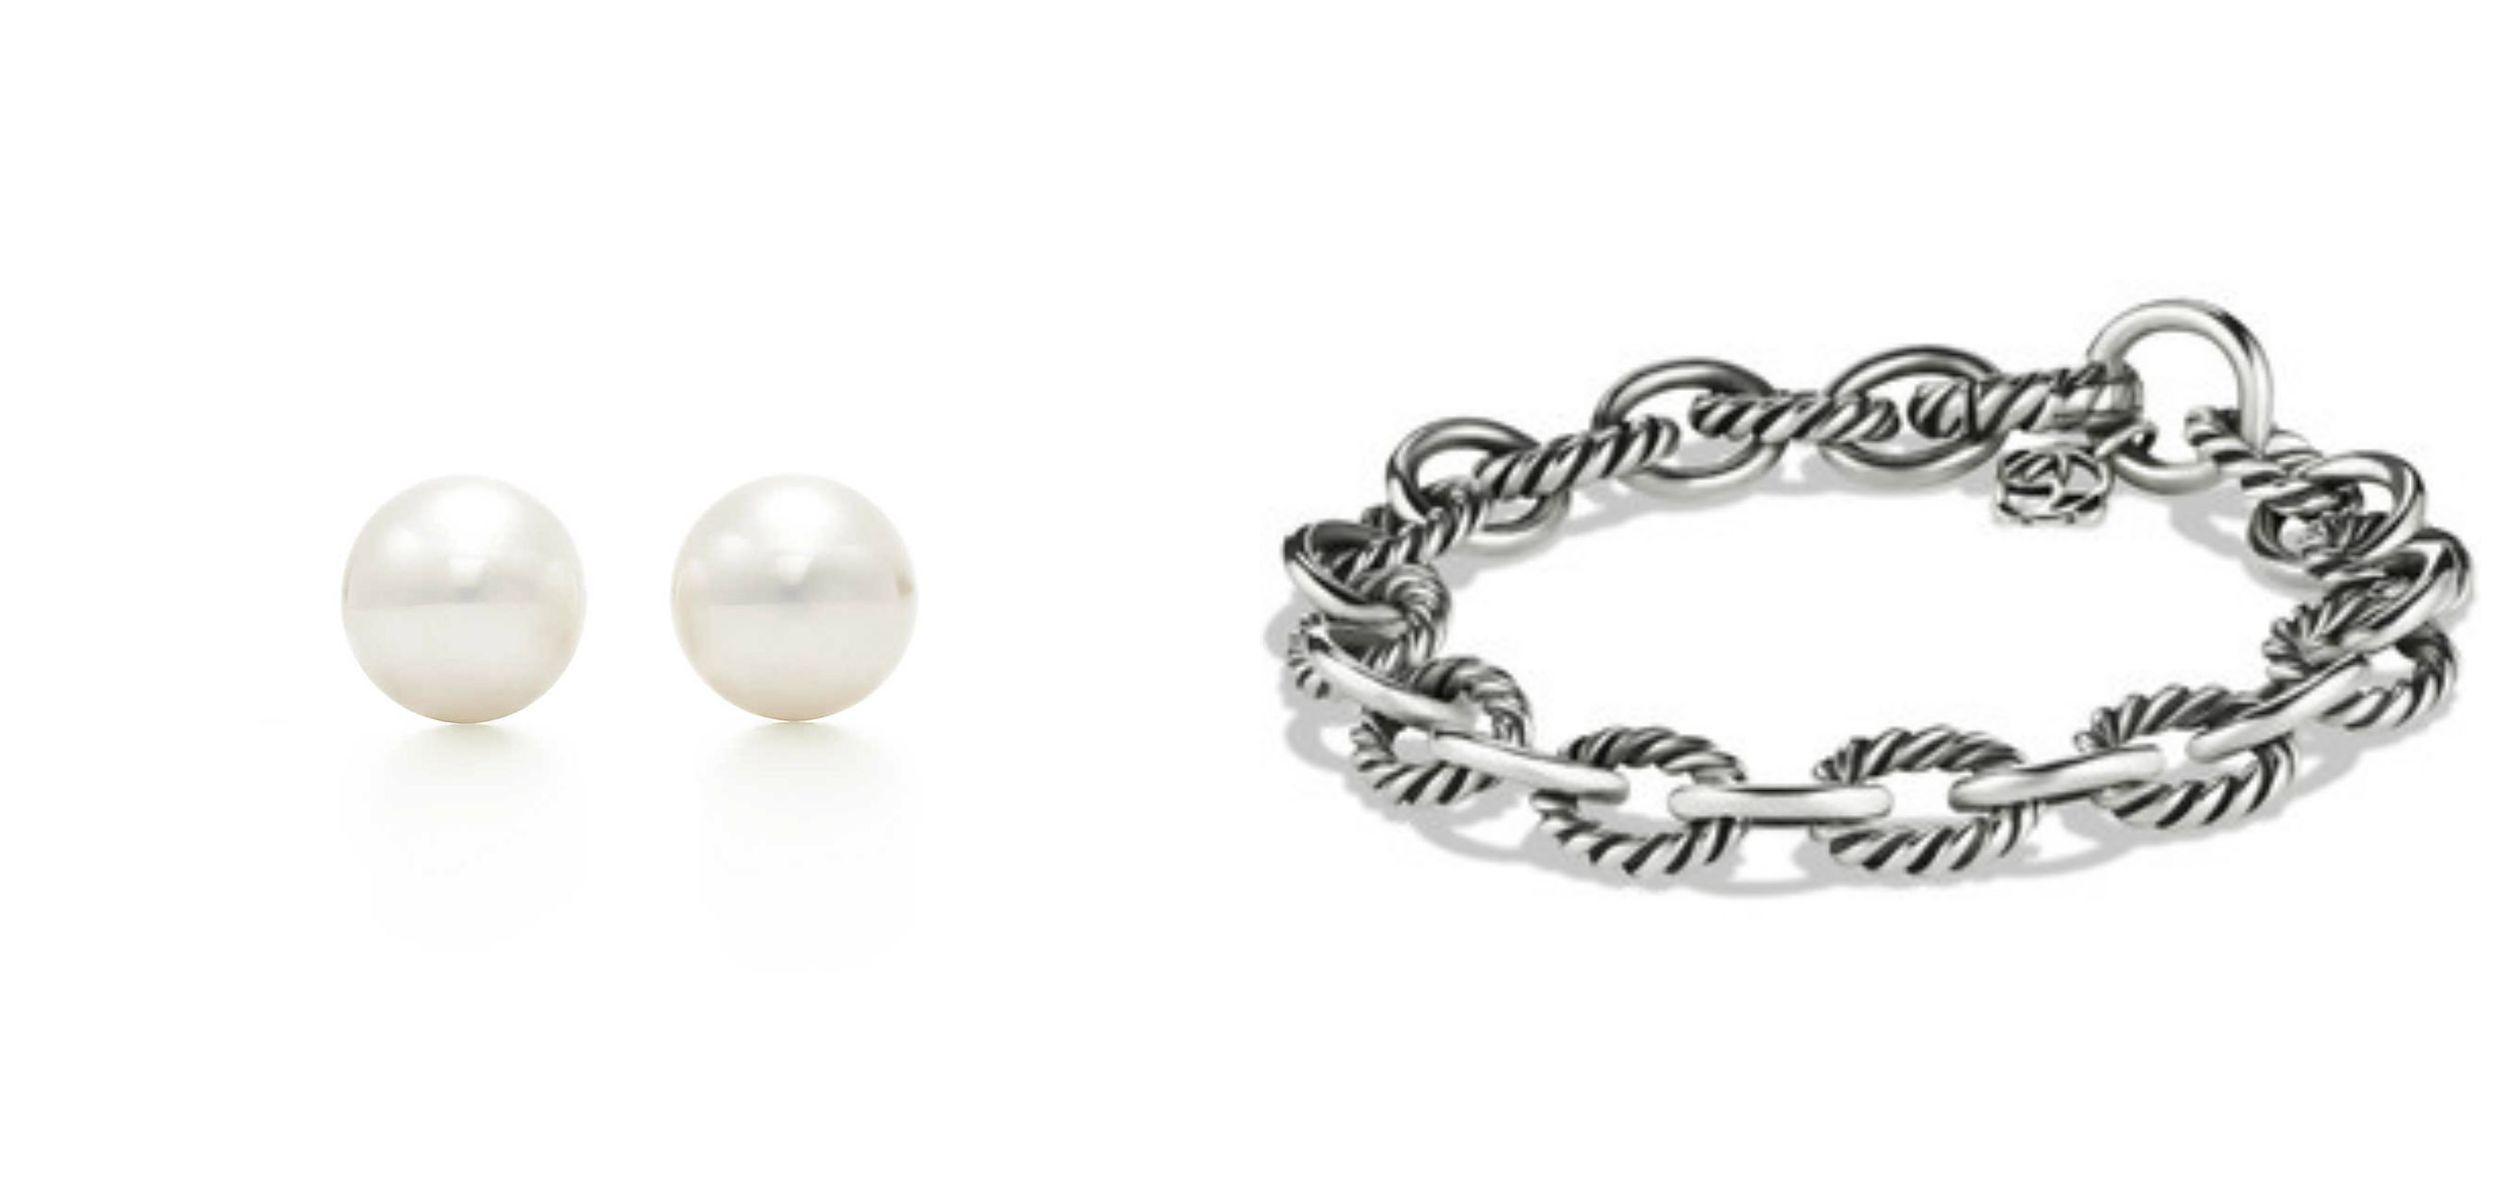 Tiffany & Co. ;  David Yurman